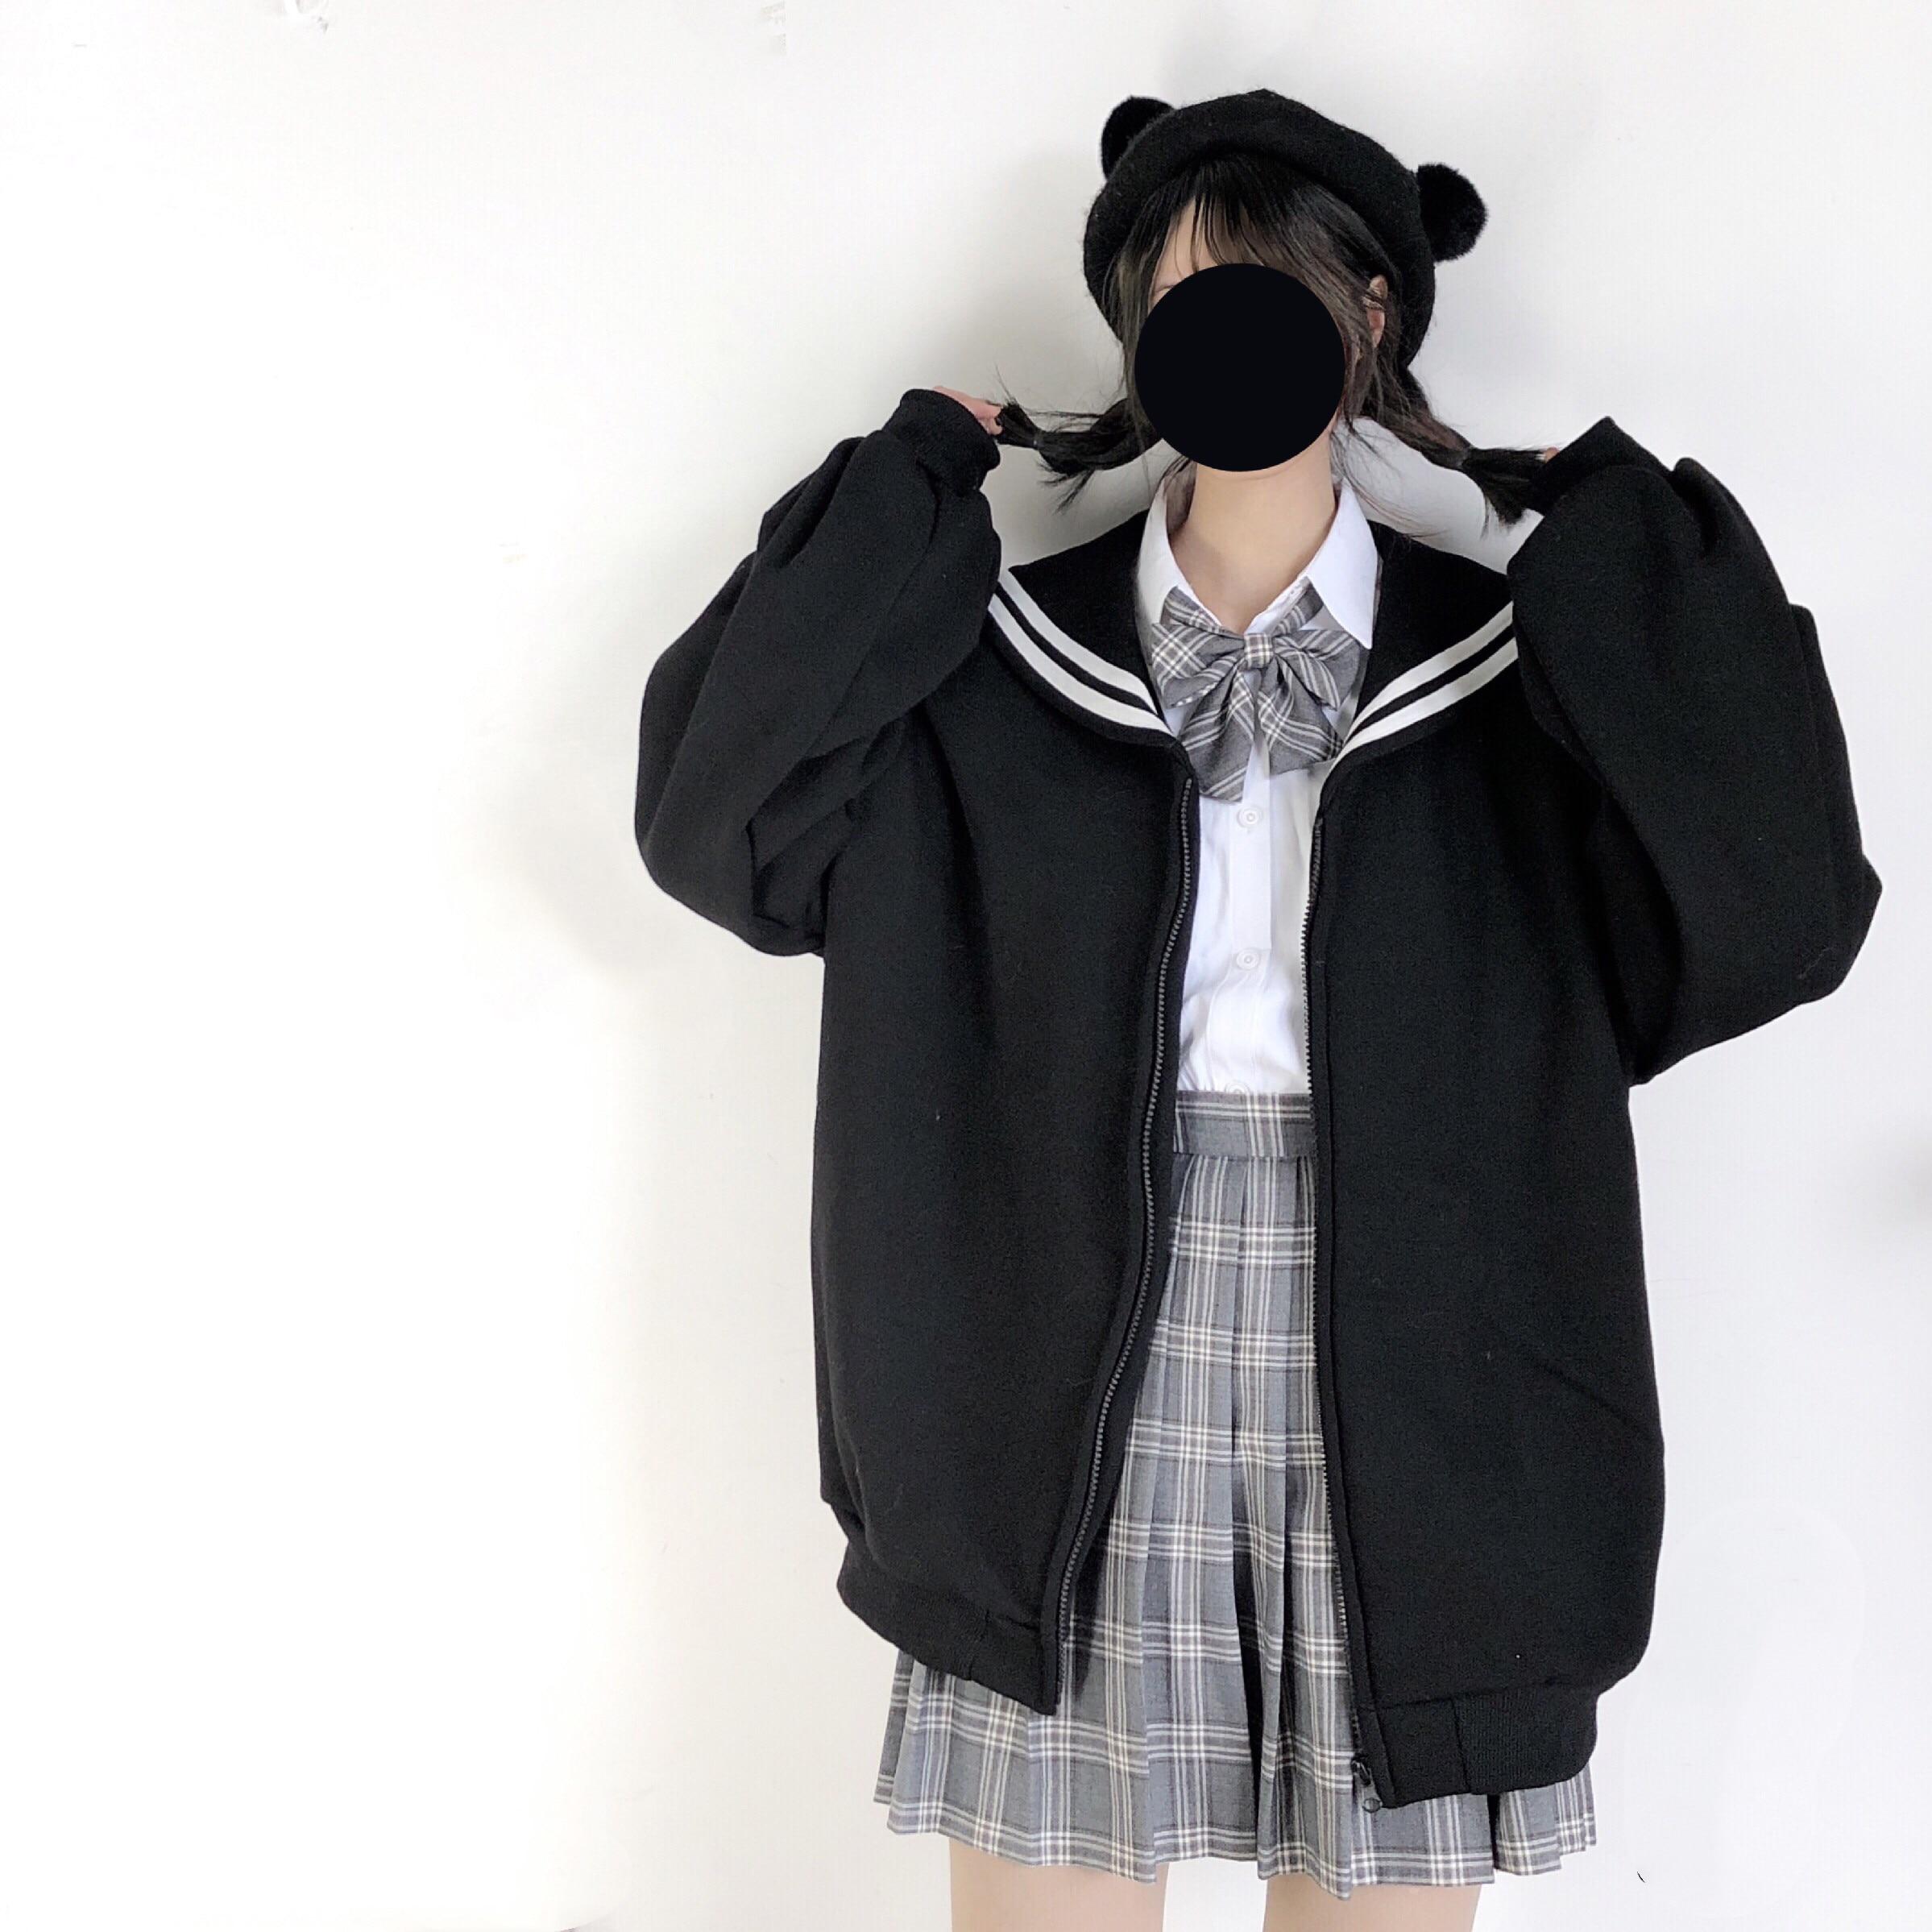 Winter Kawaii Sweet Girls Oversized Hoodie Soft Sister Sailor Collar Sweatshirt Women Japanese Zipper Outerwear Coat Black Blue